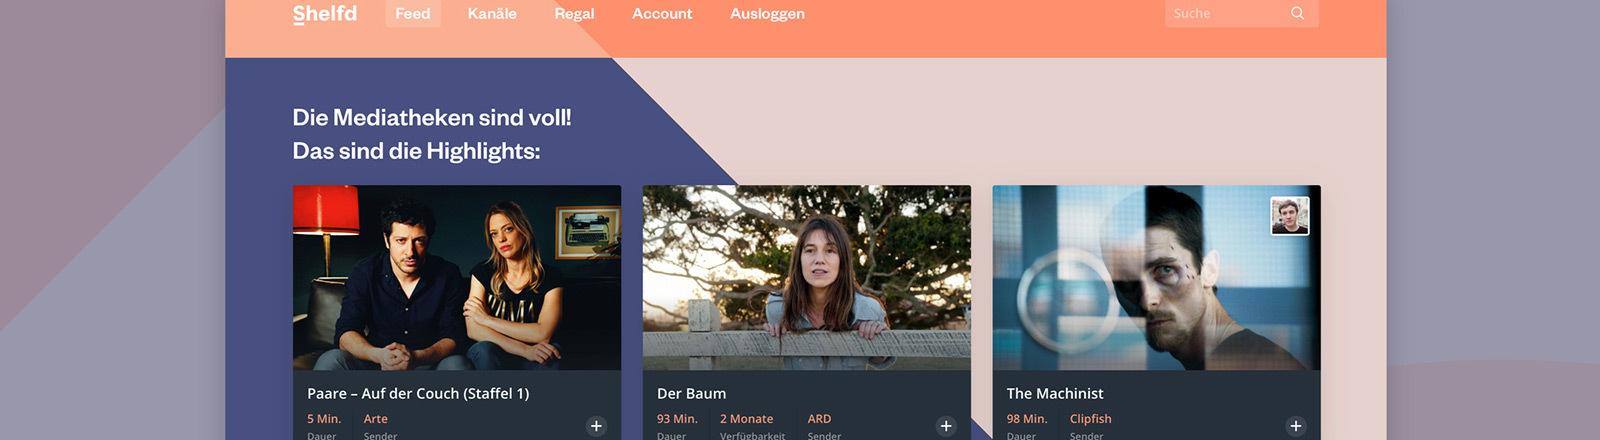 Screenshot der Website shelfd.com